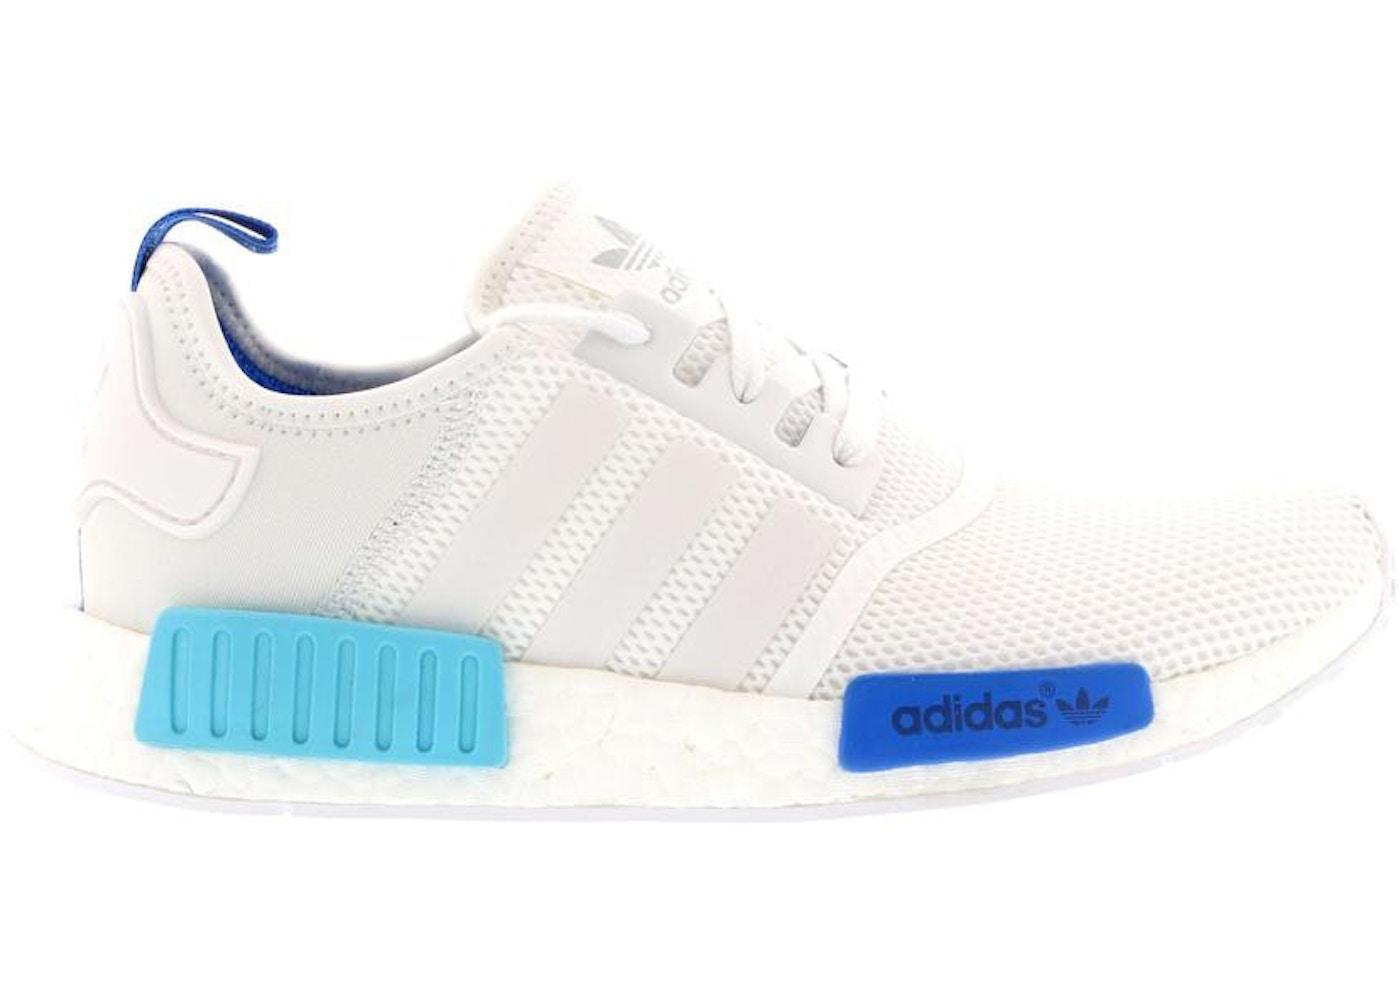 Adidas Nmd R1 Blue Glow W S75235